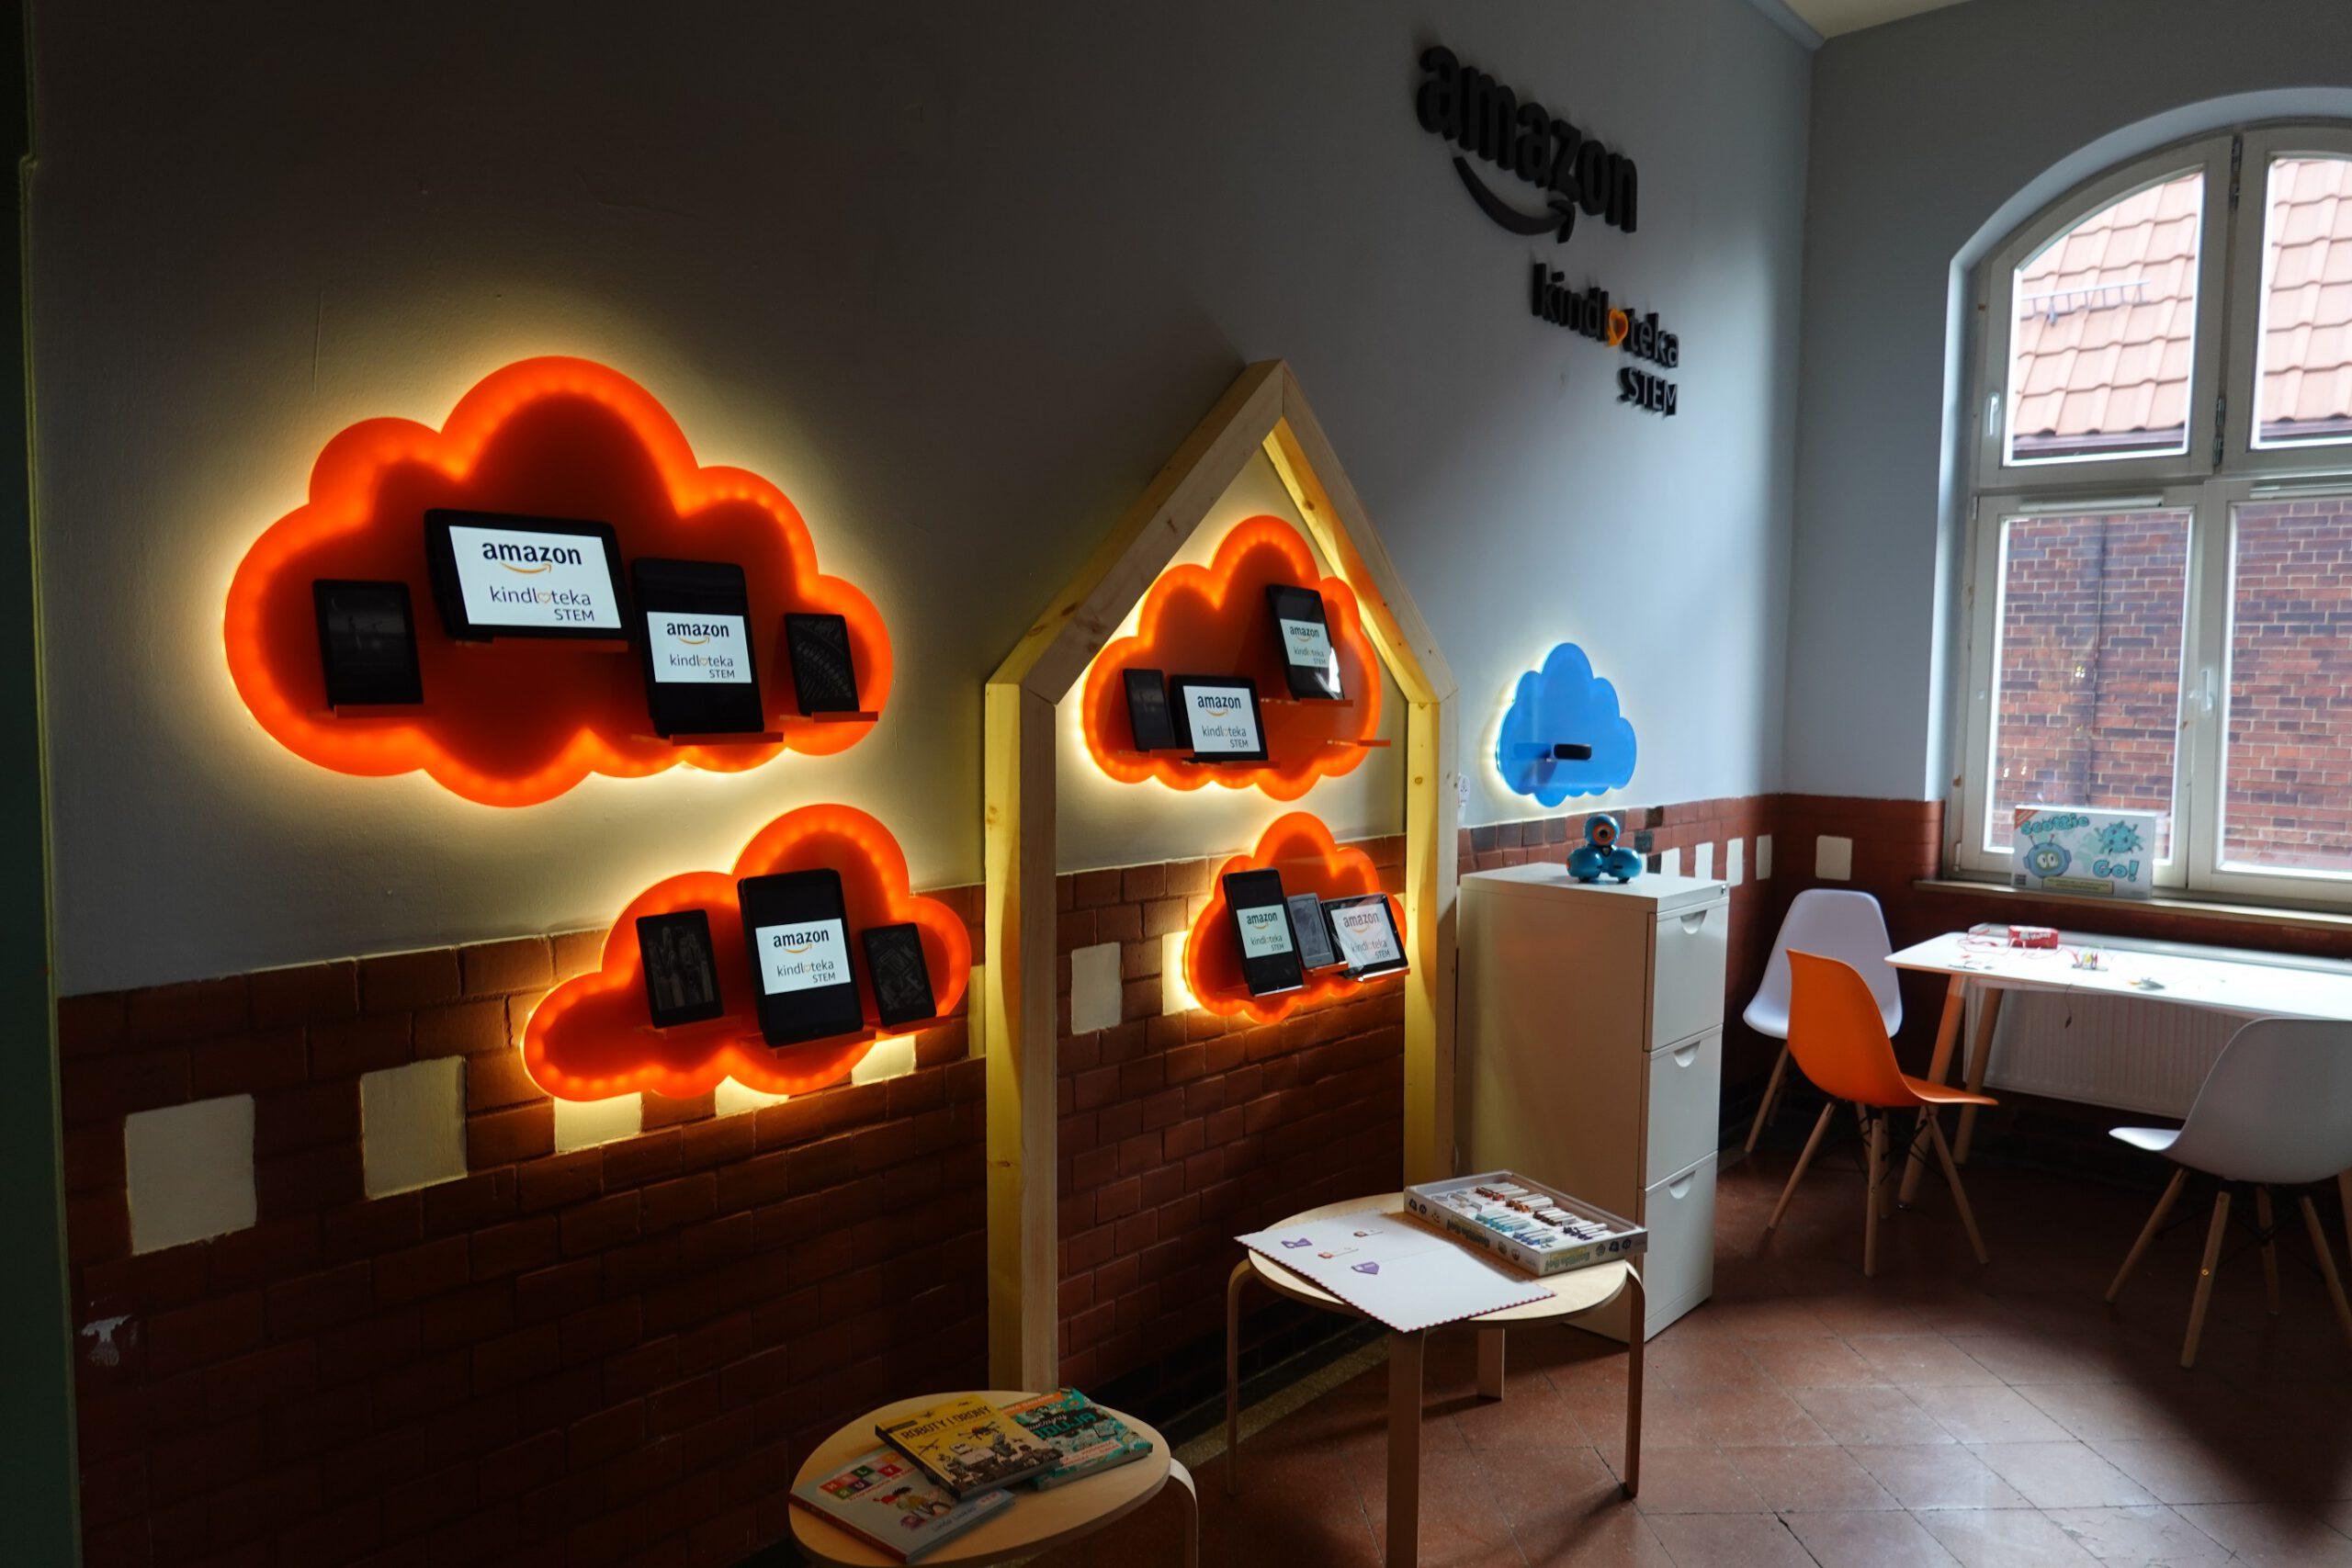 Widok pracowni STEM Kindloteka otworzonej w Centrum Integracji Społecznej w Świętochłowicach